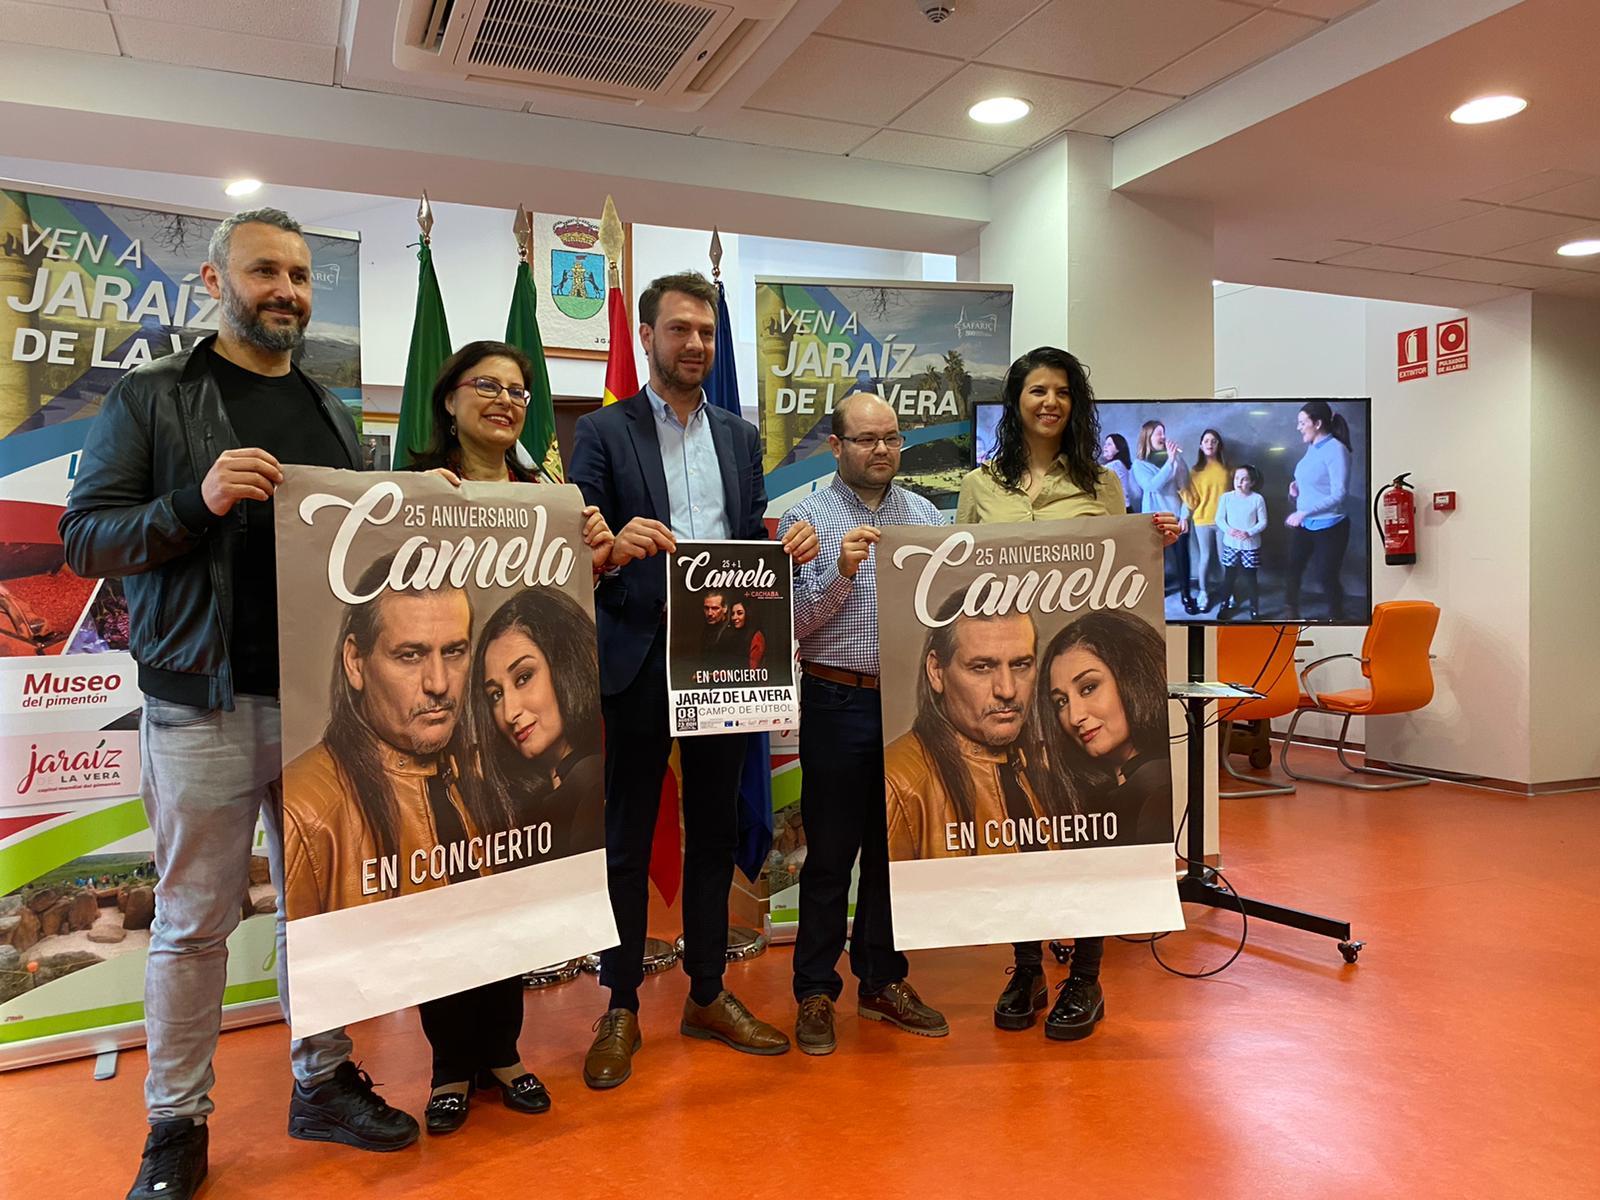 Camela actuará en Jaraíz de la Vera el 8 de agosto de 2020 con su gira 25+1 (8)